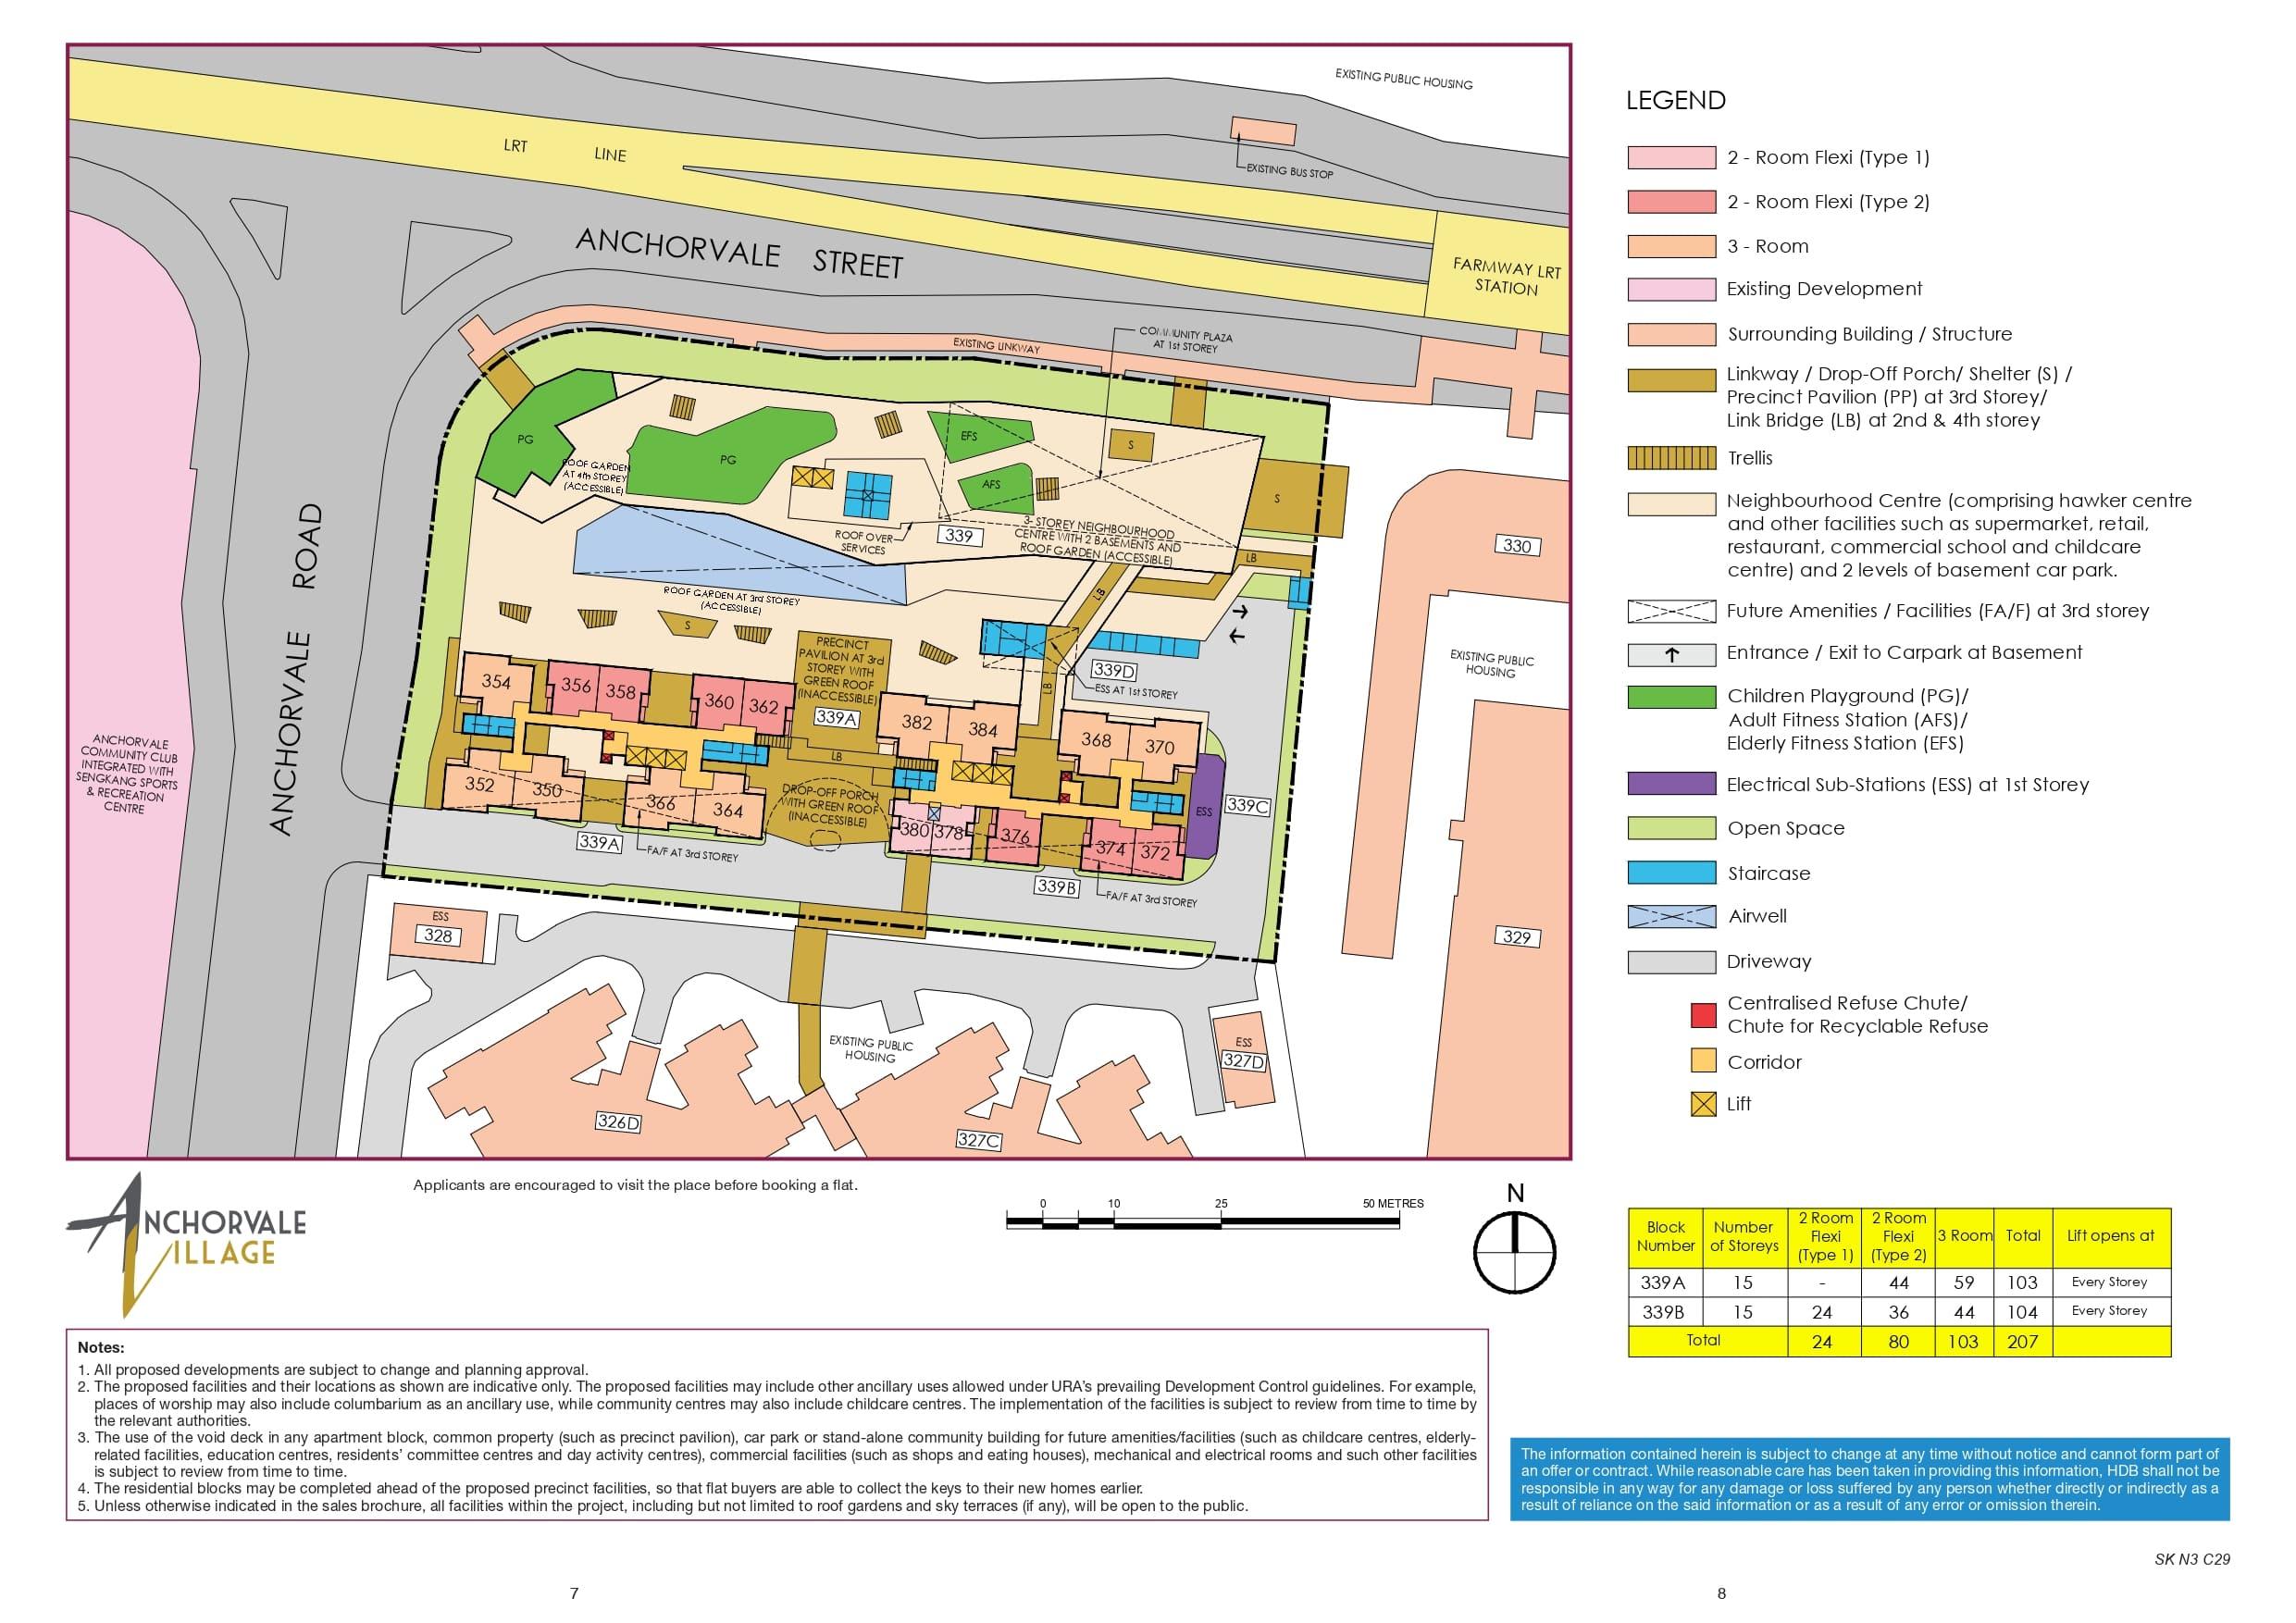 Anchorvale Village Site Plan